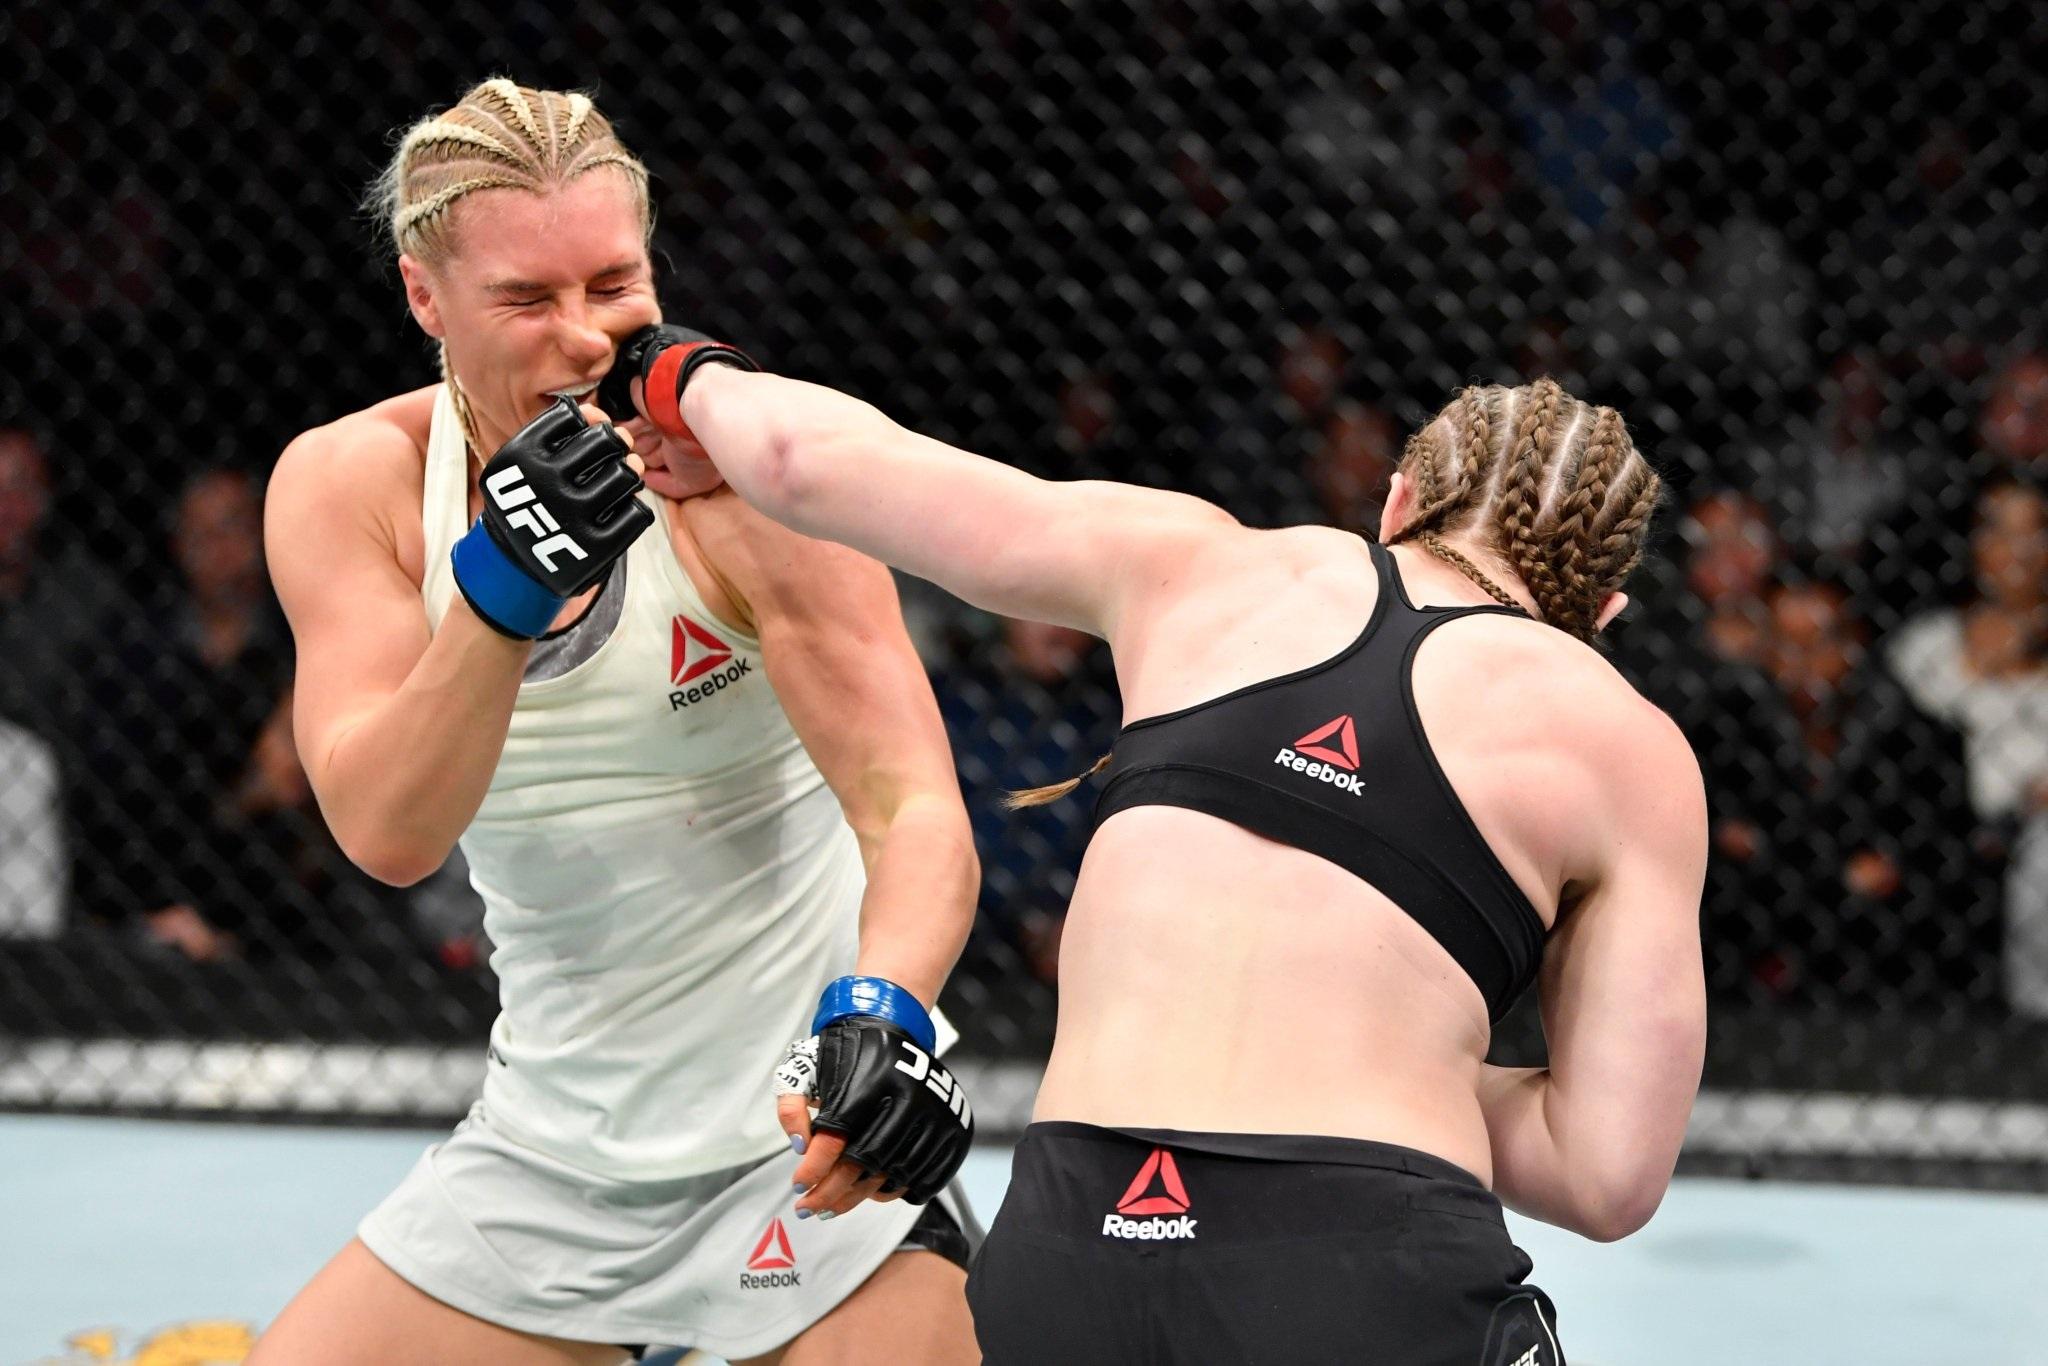 UFC on ESPN 7 Results - Aspen Ladd Stops Yana Kunitskaya With Brutal Third Round TKO -